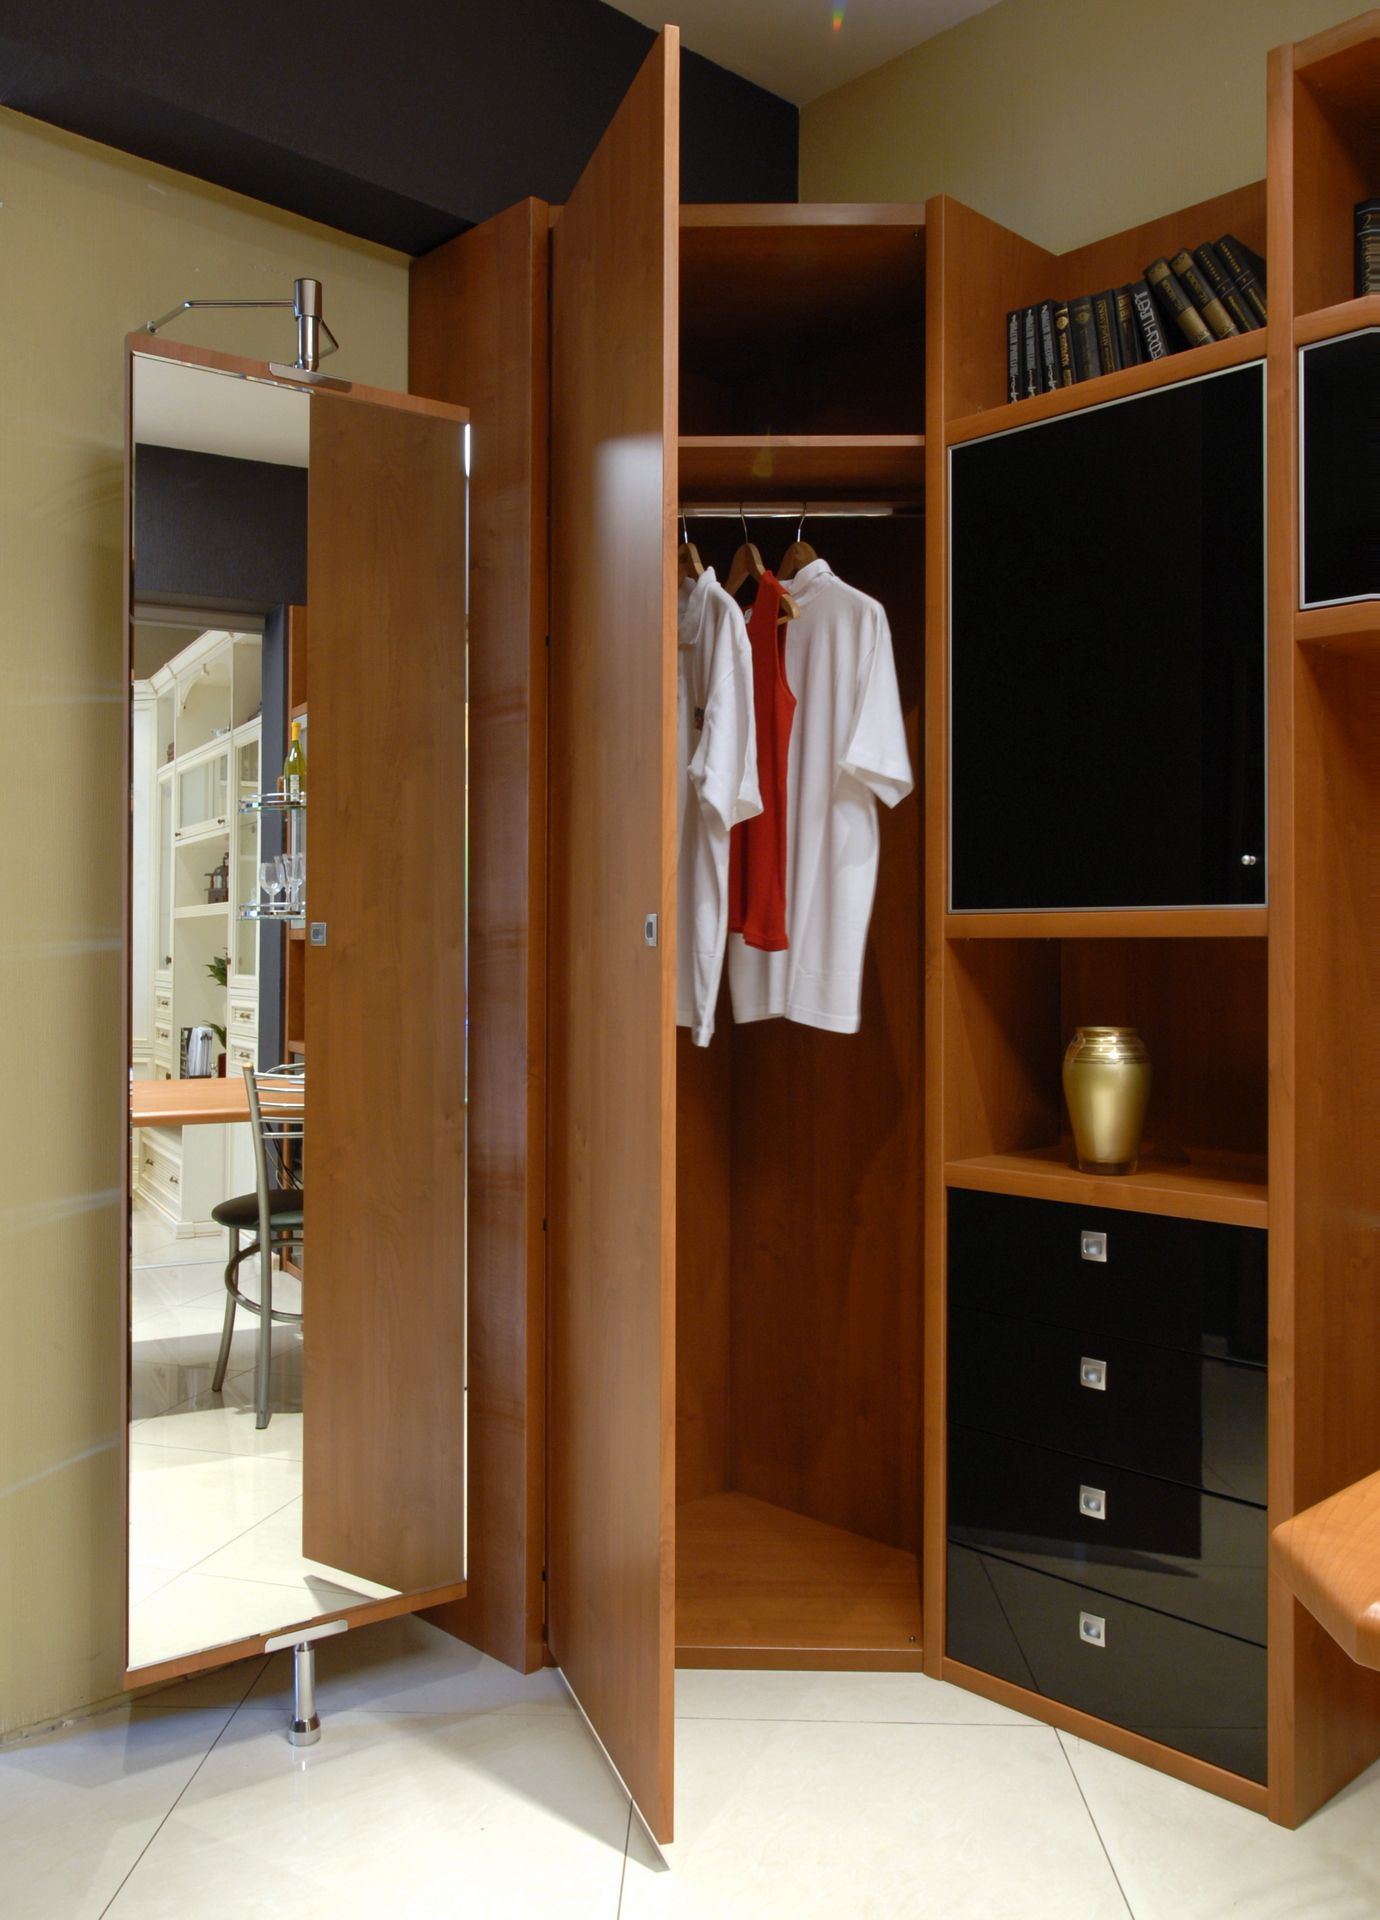 Wardrobe space. www.paolomarchetti.com #furniture #design